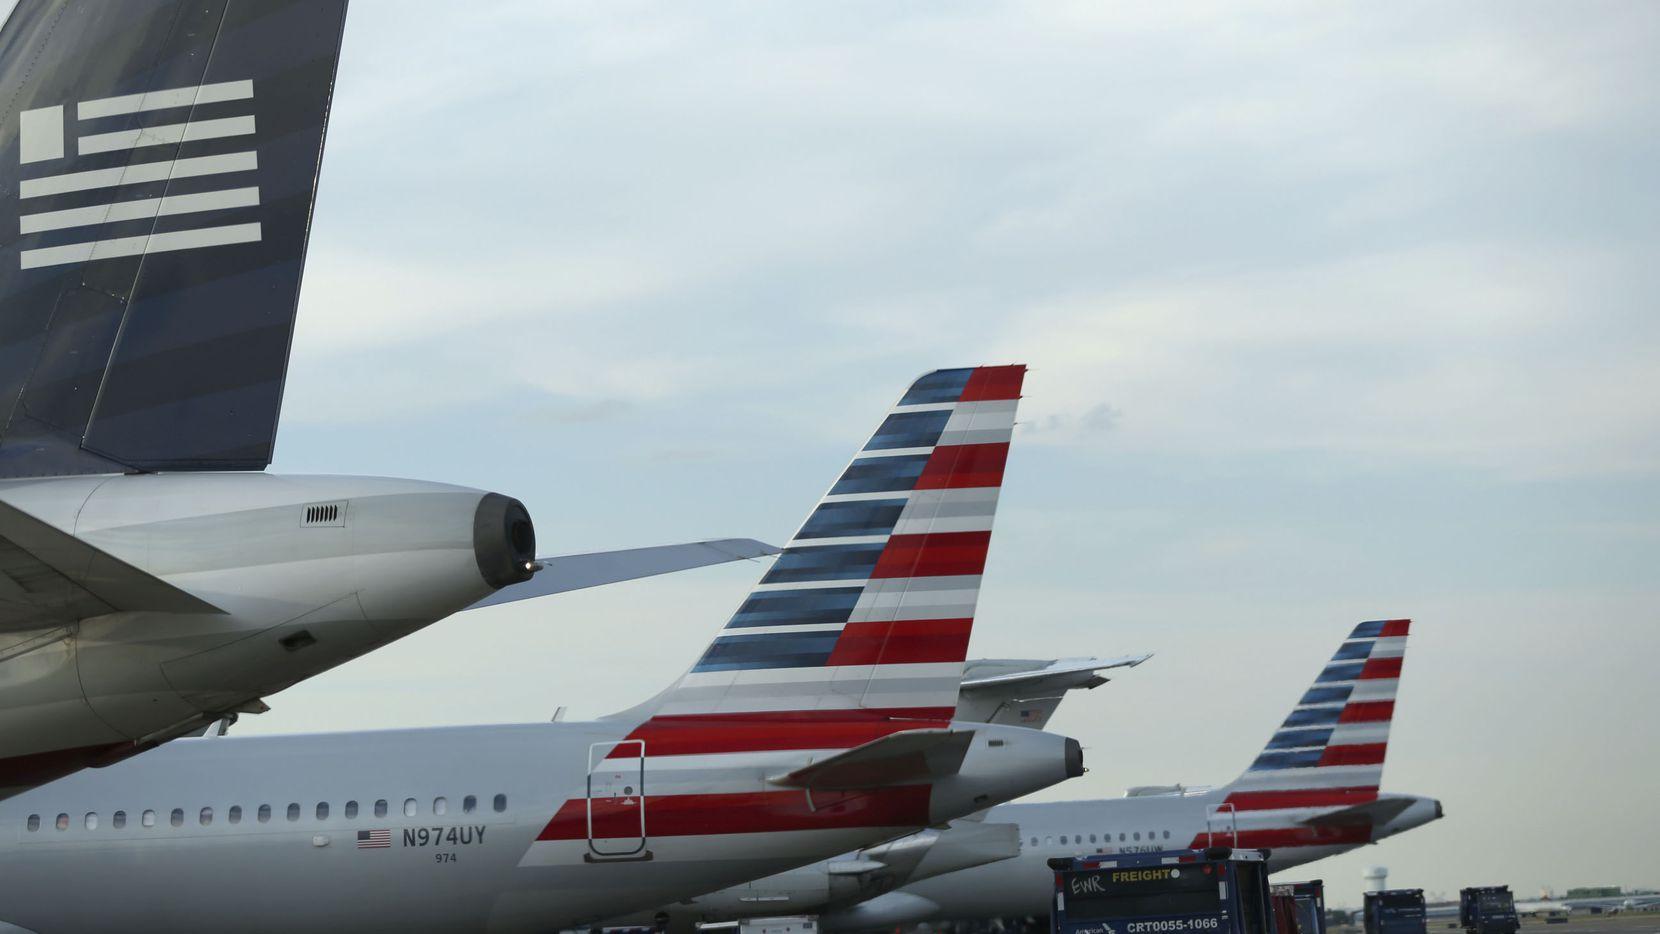 American Airlines anunció nuevos destinos desde el aeropuerto DFW. AP